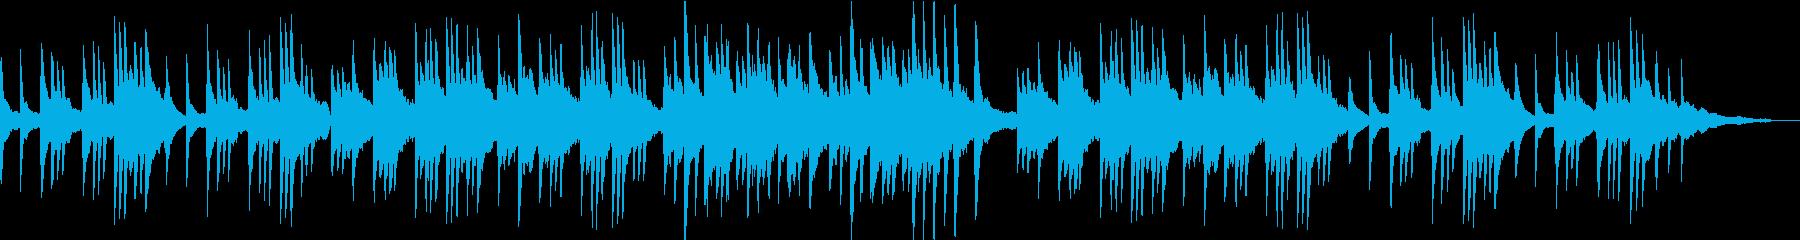 「ほたるこい」しっとり切ないピアノソロの再生済みの波形